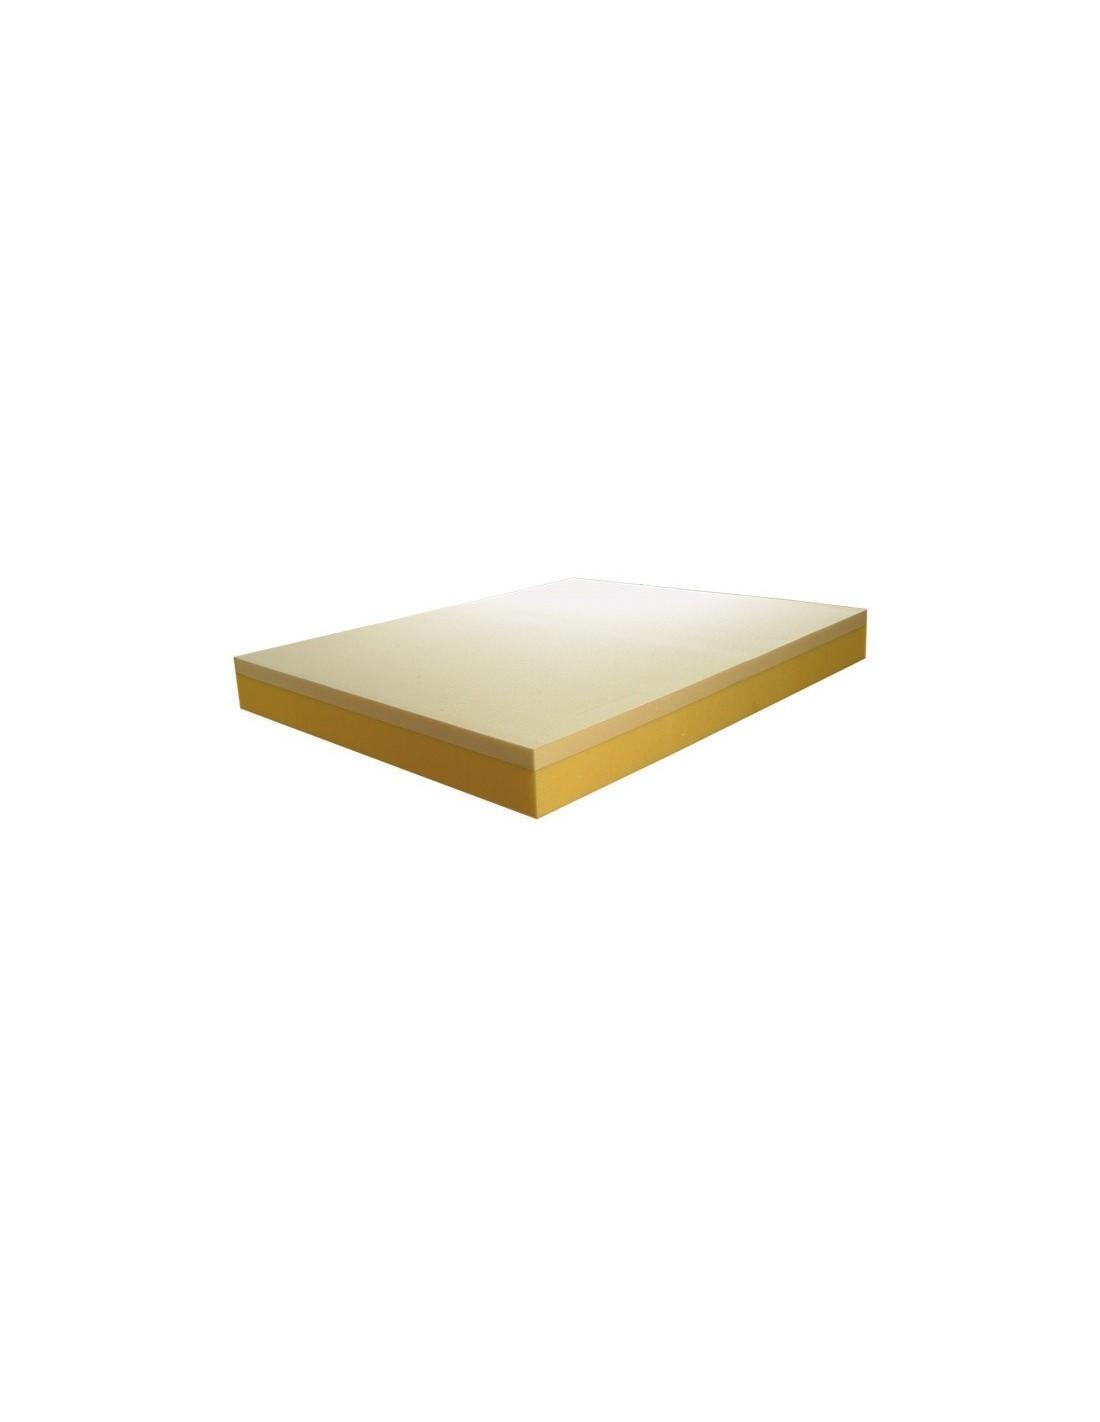 Materassi memory foam migliore per qualità prezzo offerte